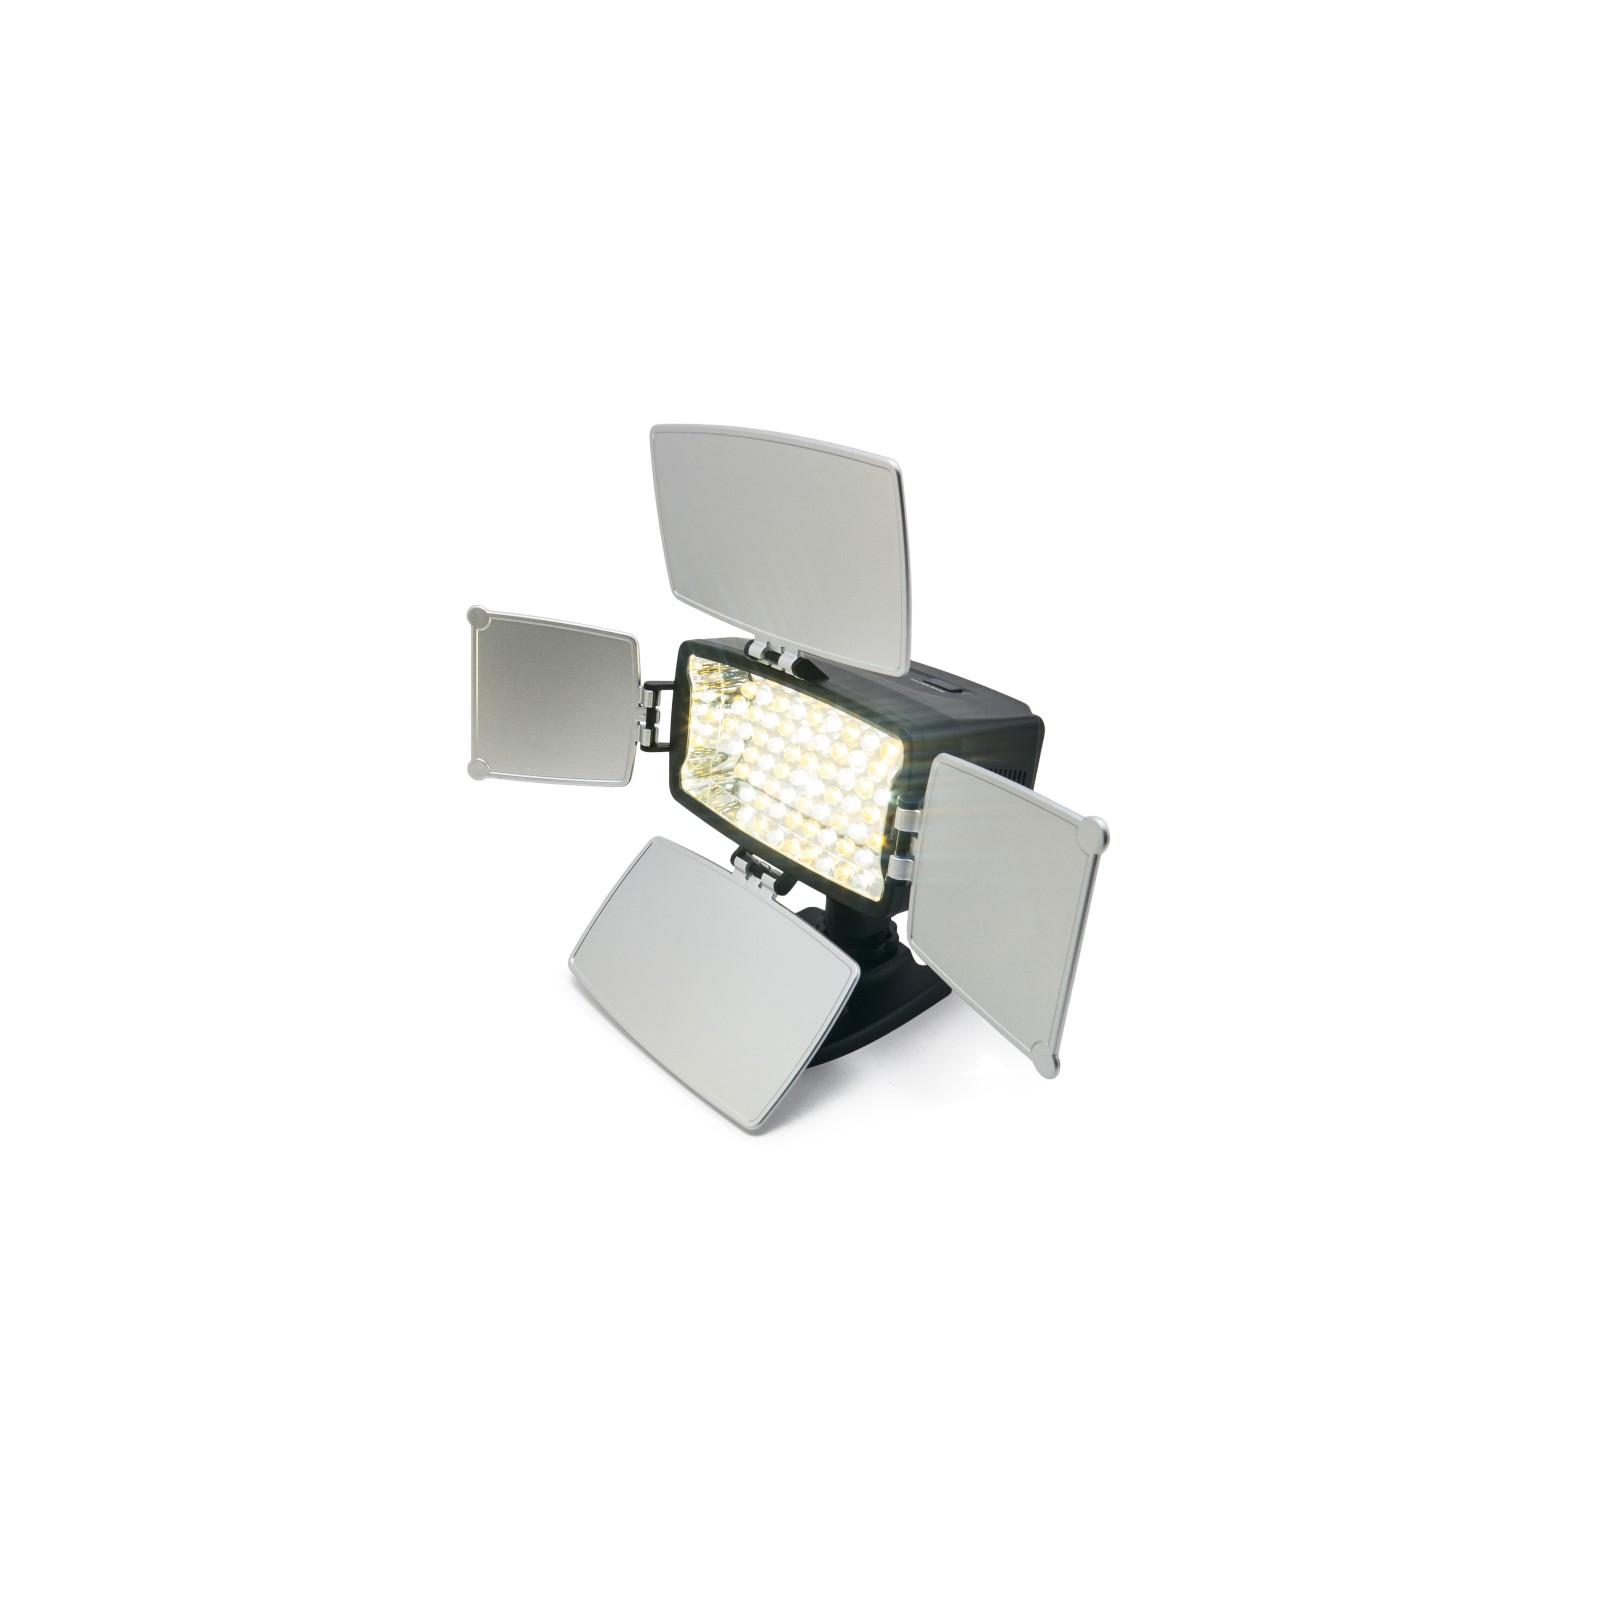 Вспышка EXTRADIGITAL Накамерный свет LED-5028 (LED3207) изображение 3